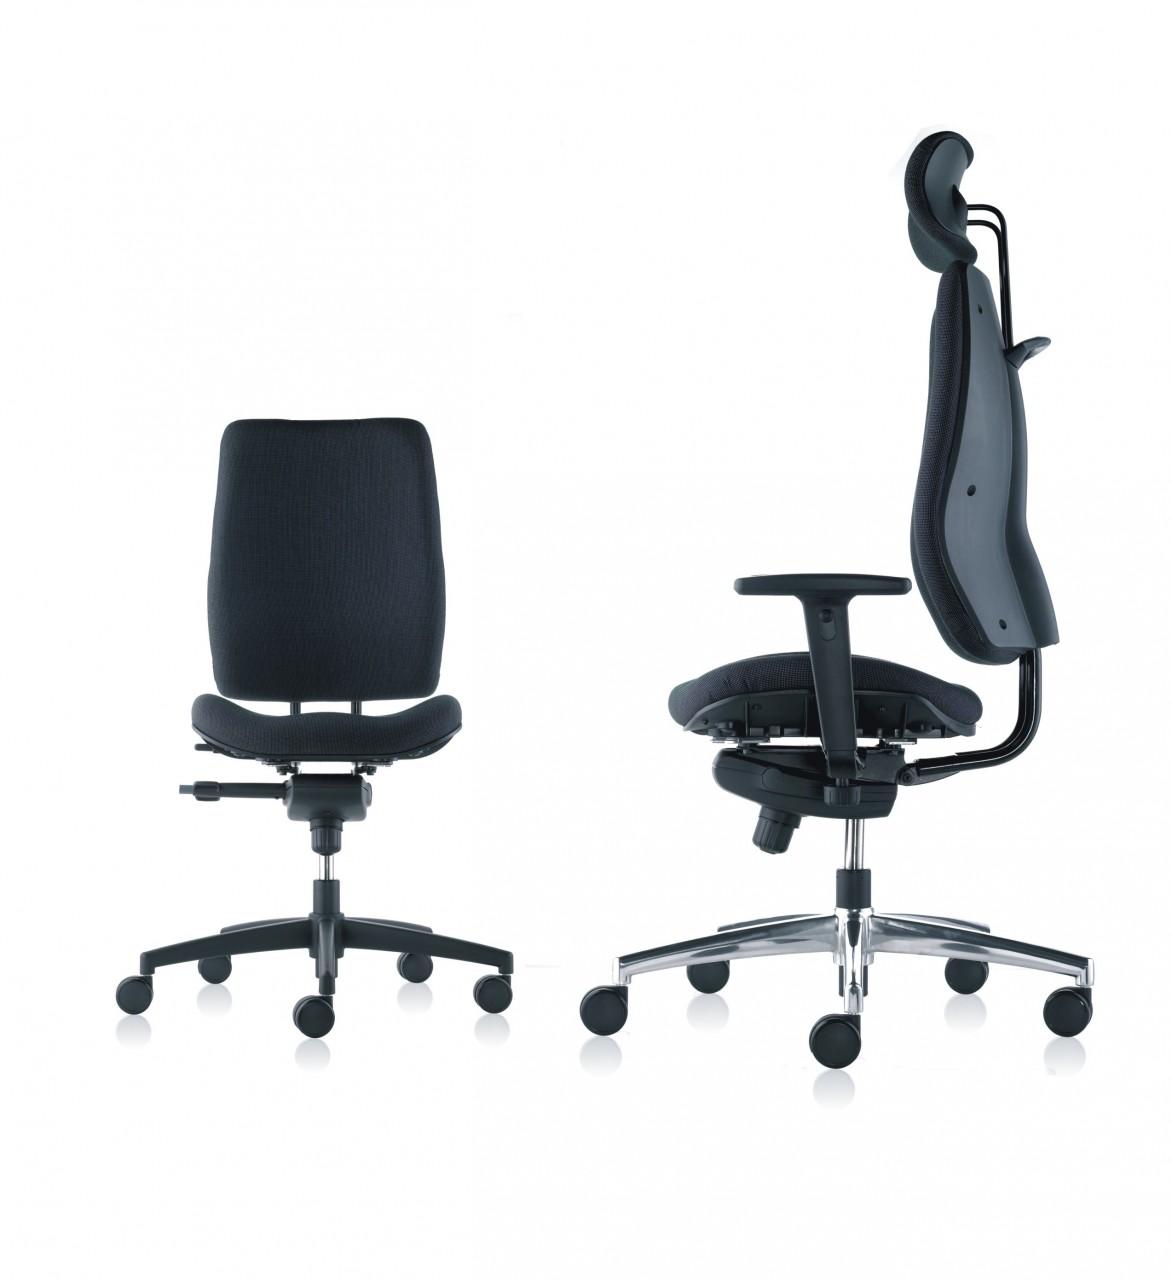 fauteuil de bureau ergonomique confortic achat si ges. Black Bedroom Furniture Sets. Home Design Ideas